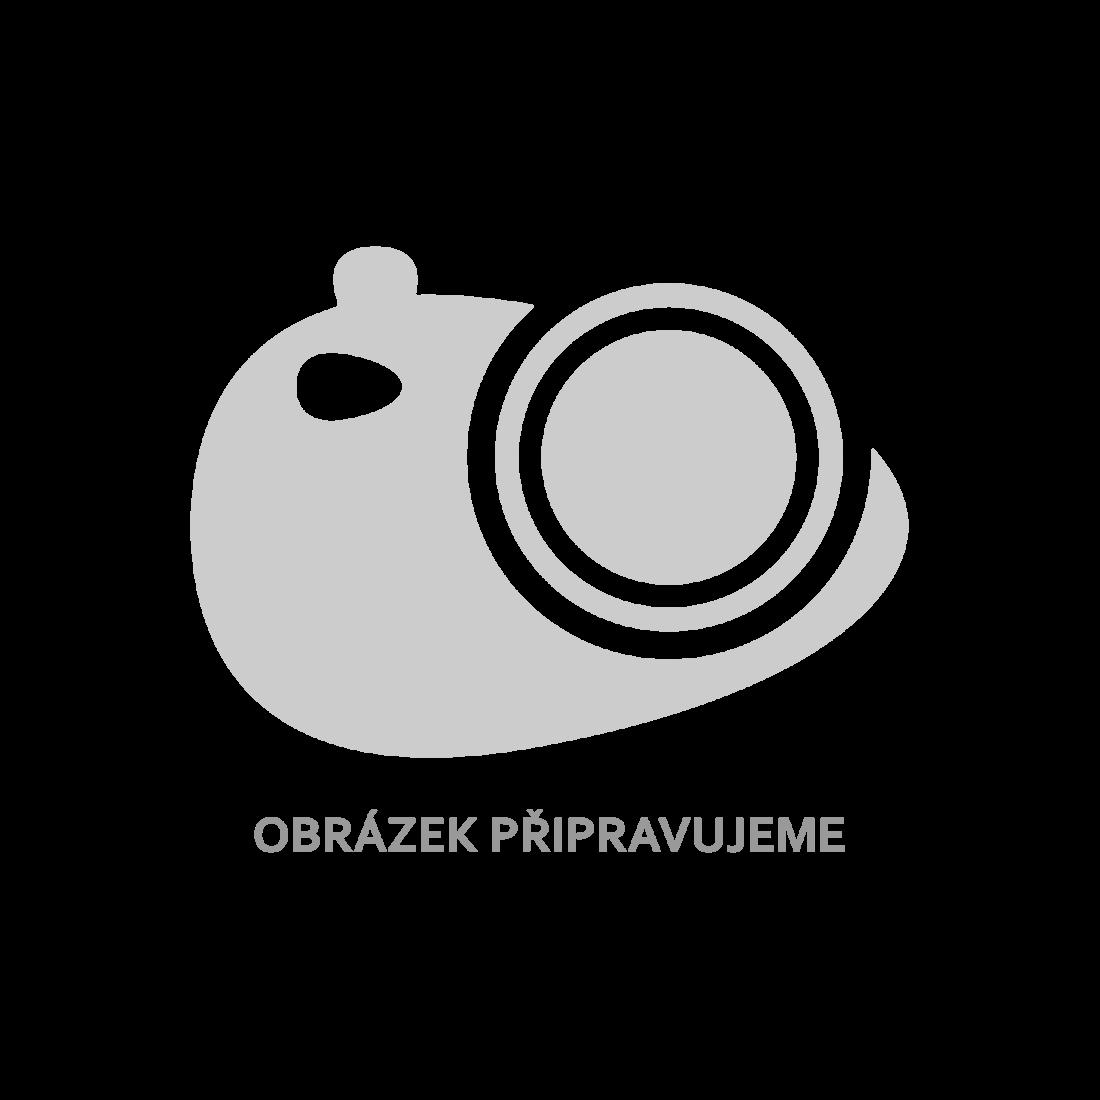 Nástěnná hliníková býčí hlava, dekorace, stříbrná barva 96 cm [242337]